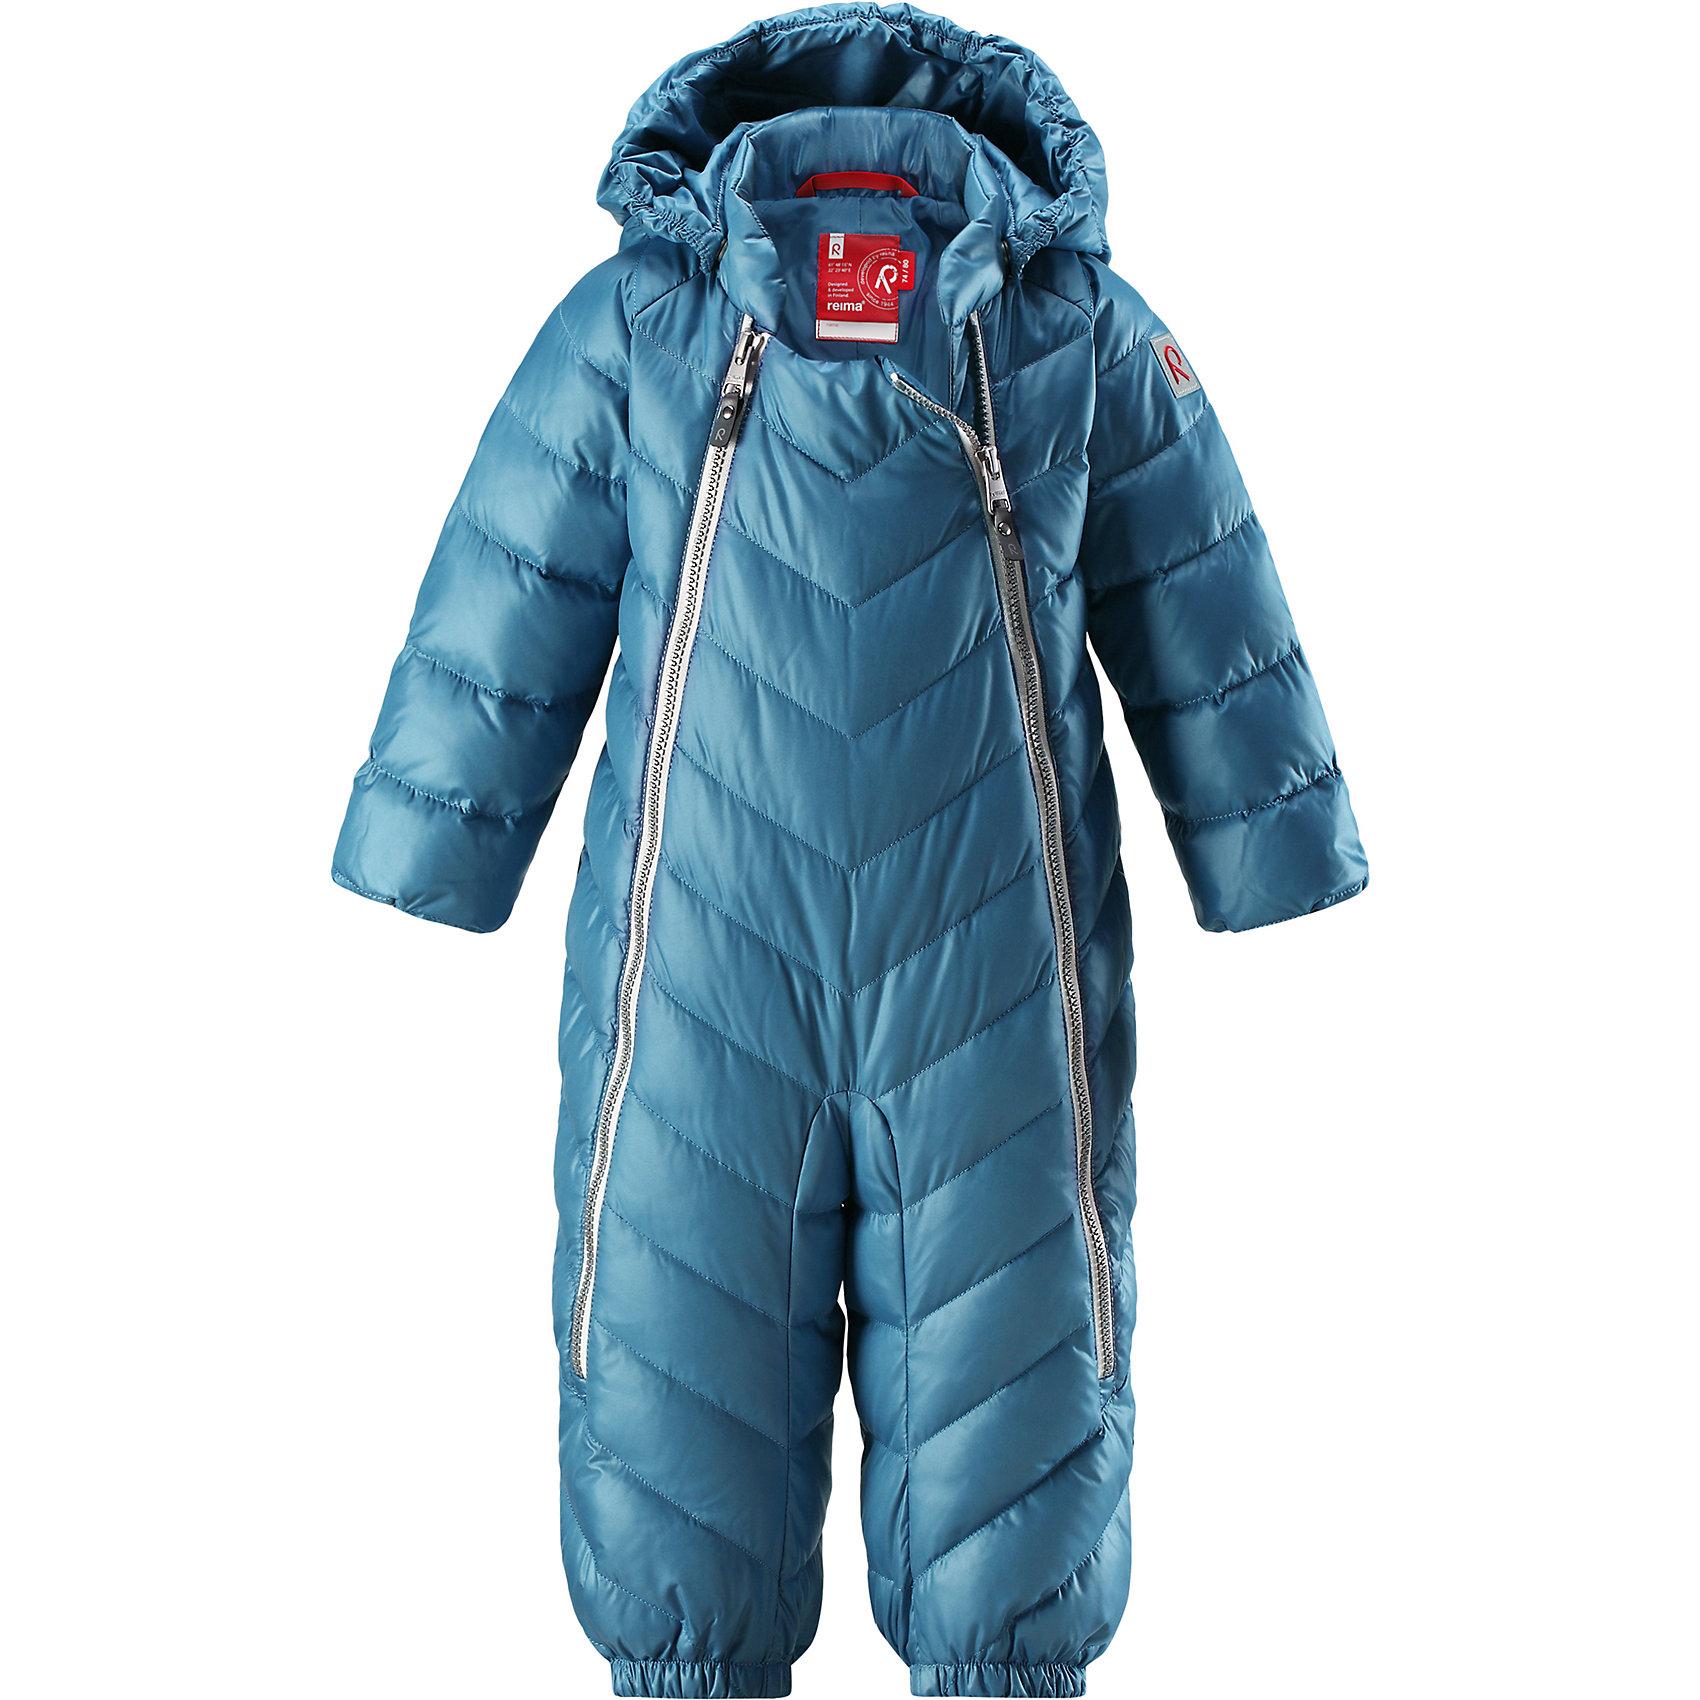 Комбинезон Reima UnetusВерхняя одежда<br>Характеристики товара:<br><br>• цвет: синий;<br>• состав: 100% полиэстер;<br>• подкладка: 100% полиэстер;<br>• утеплитель: 60% пух, 40% перо (60 г/м2);<br>• сезон: зима;<br>• температурный режим: от +10 до -5С;<br>• водо- и ветронепроницаемый, дышащий и грязеотталкивающий материал;<br>• застежка: две молнии;<br>• гладкая подкладка из полиэстера;<br>• эластичная талия и манжеты;<br>• съемные эластичные штрипки во всех размерах;<br>• светоотражающие детали;<br>• страна бренда: Финляндия;<br>• страна изготовитель: Китай.<br><br>Однотонная модель на легком пуху для поздней осени и первых зимних дней! Этот пуховый комбинезон для малышей просто идеален и для прогулок по городу, и для уютных поездок в коляске. Он украшен красивой строчкой, а благодаря двум молниям во всю длину его легко надевать. Комбинезон изготовлен из ветронепроницаемого, дышащего материала с верхним водо и грязеотталкивающим слоем – он не пропустит ветер, и малышу в нем будет очень комфортно. Съемный капюшон защищает голову от холодного осеннего ветра.<br><br>Комбинезон Reima Unetus от финского бренда Reima (Рейма) можно купить в нашем интернет-магазине.<br><br>Ширина мм: 356<br>Глубина мм: 10<br>Высота мм: 245<br>Вес г: 519<br>Цвет: синий<br>Возраст от месяцев: 15<br>Возраст до месяцев: 18<br>Пол: Унисекс<br>Возраст: Детский<br>Размер: 86/92,62/68,74/80<br>SKU: 6968373